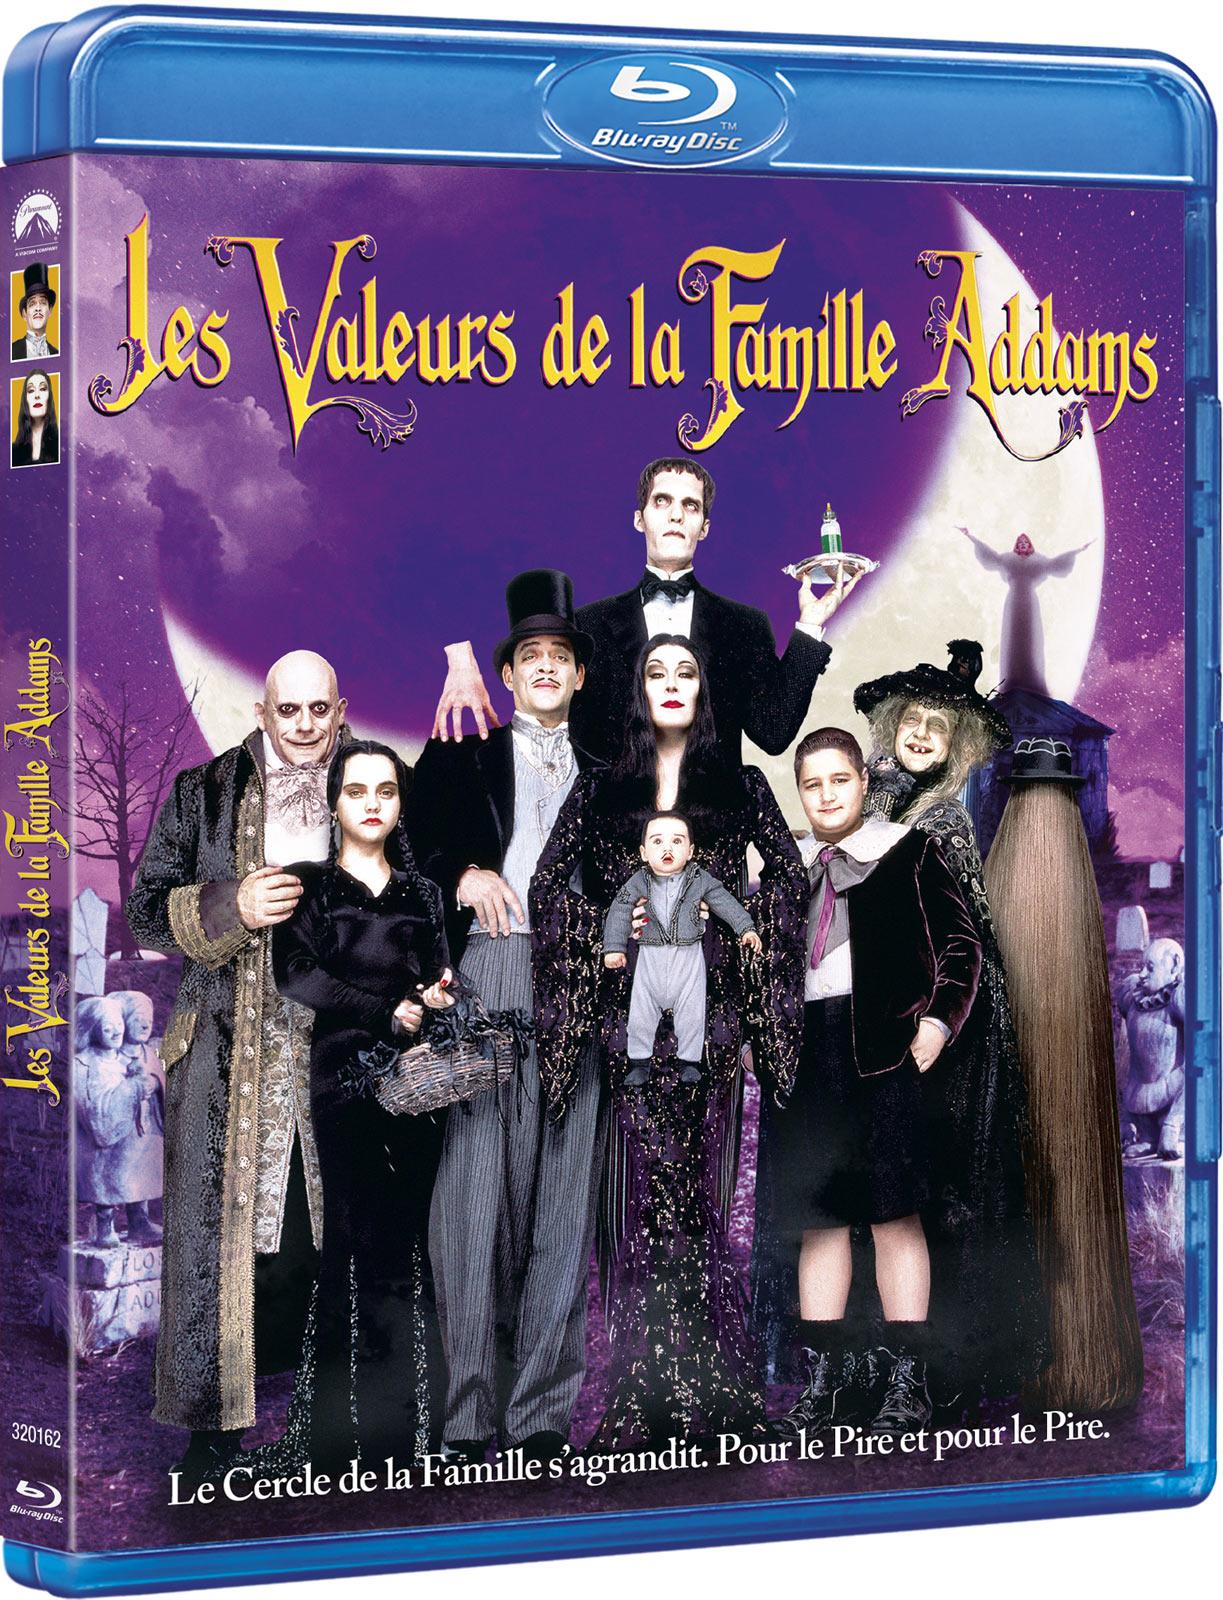 LES VALEURS DE LA FAMILLE ADDAMS BRD